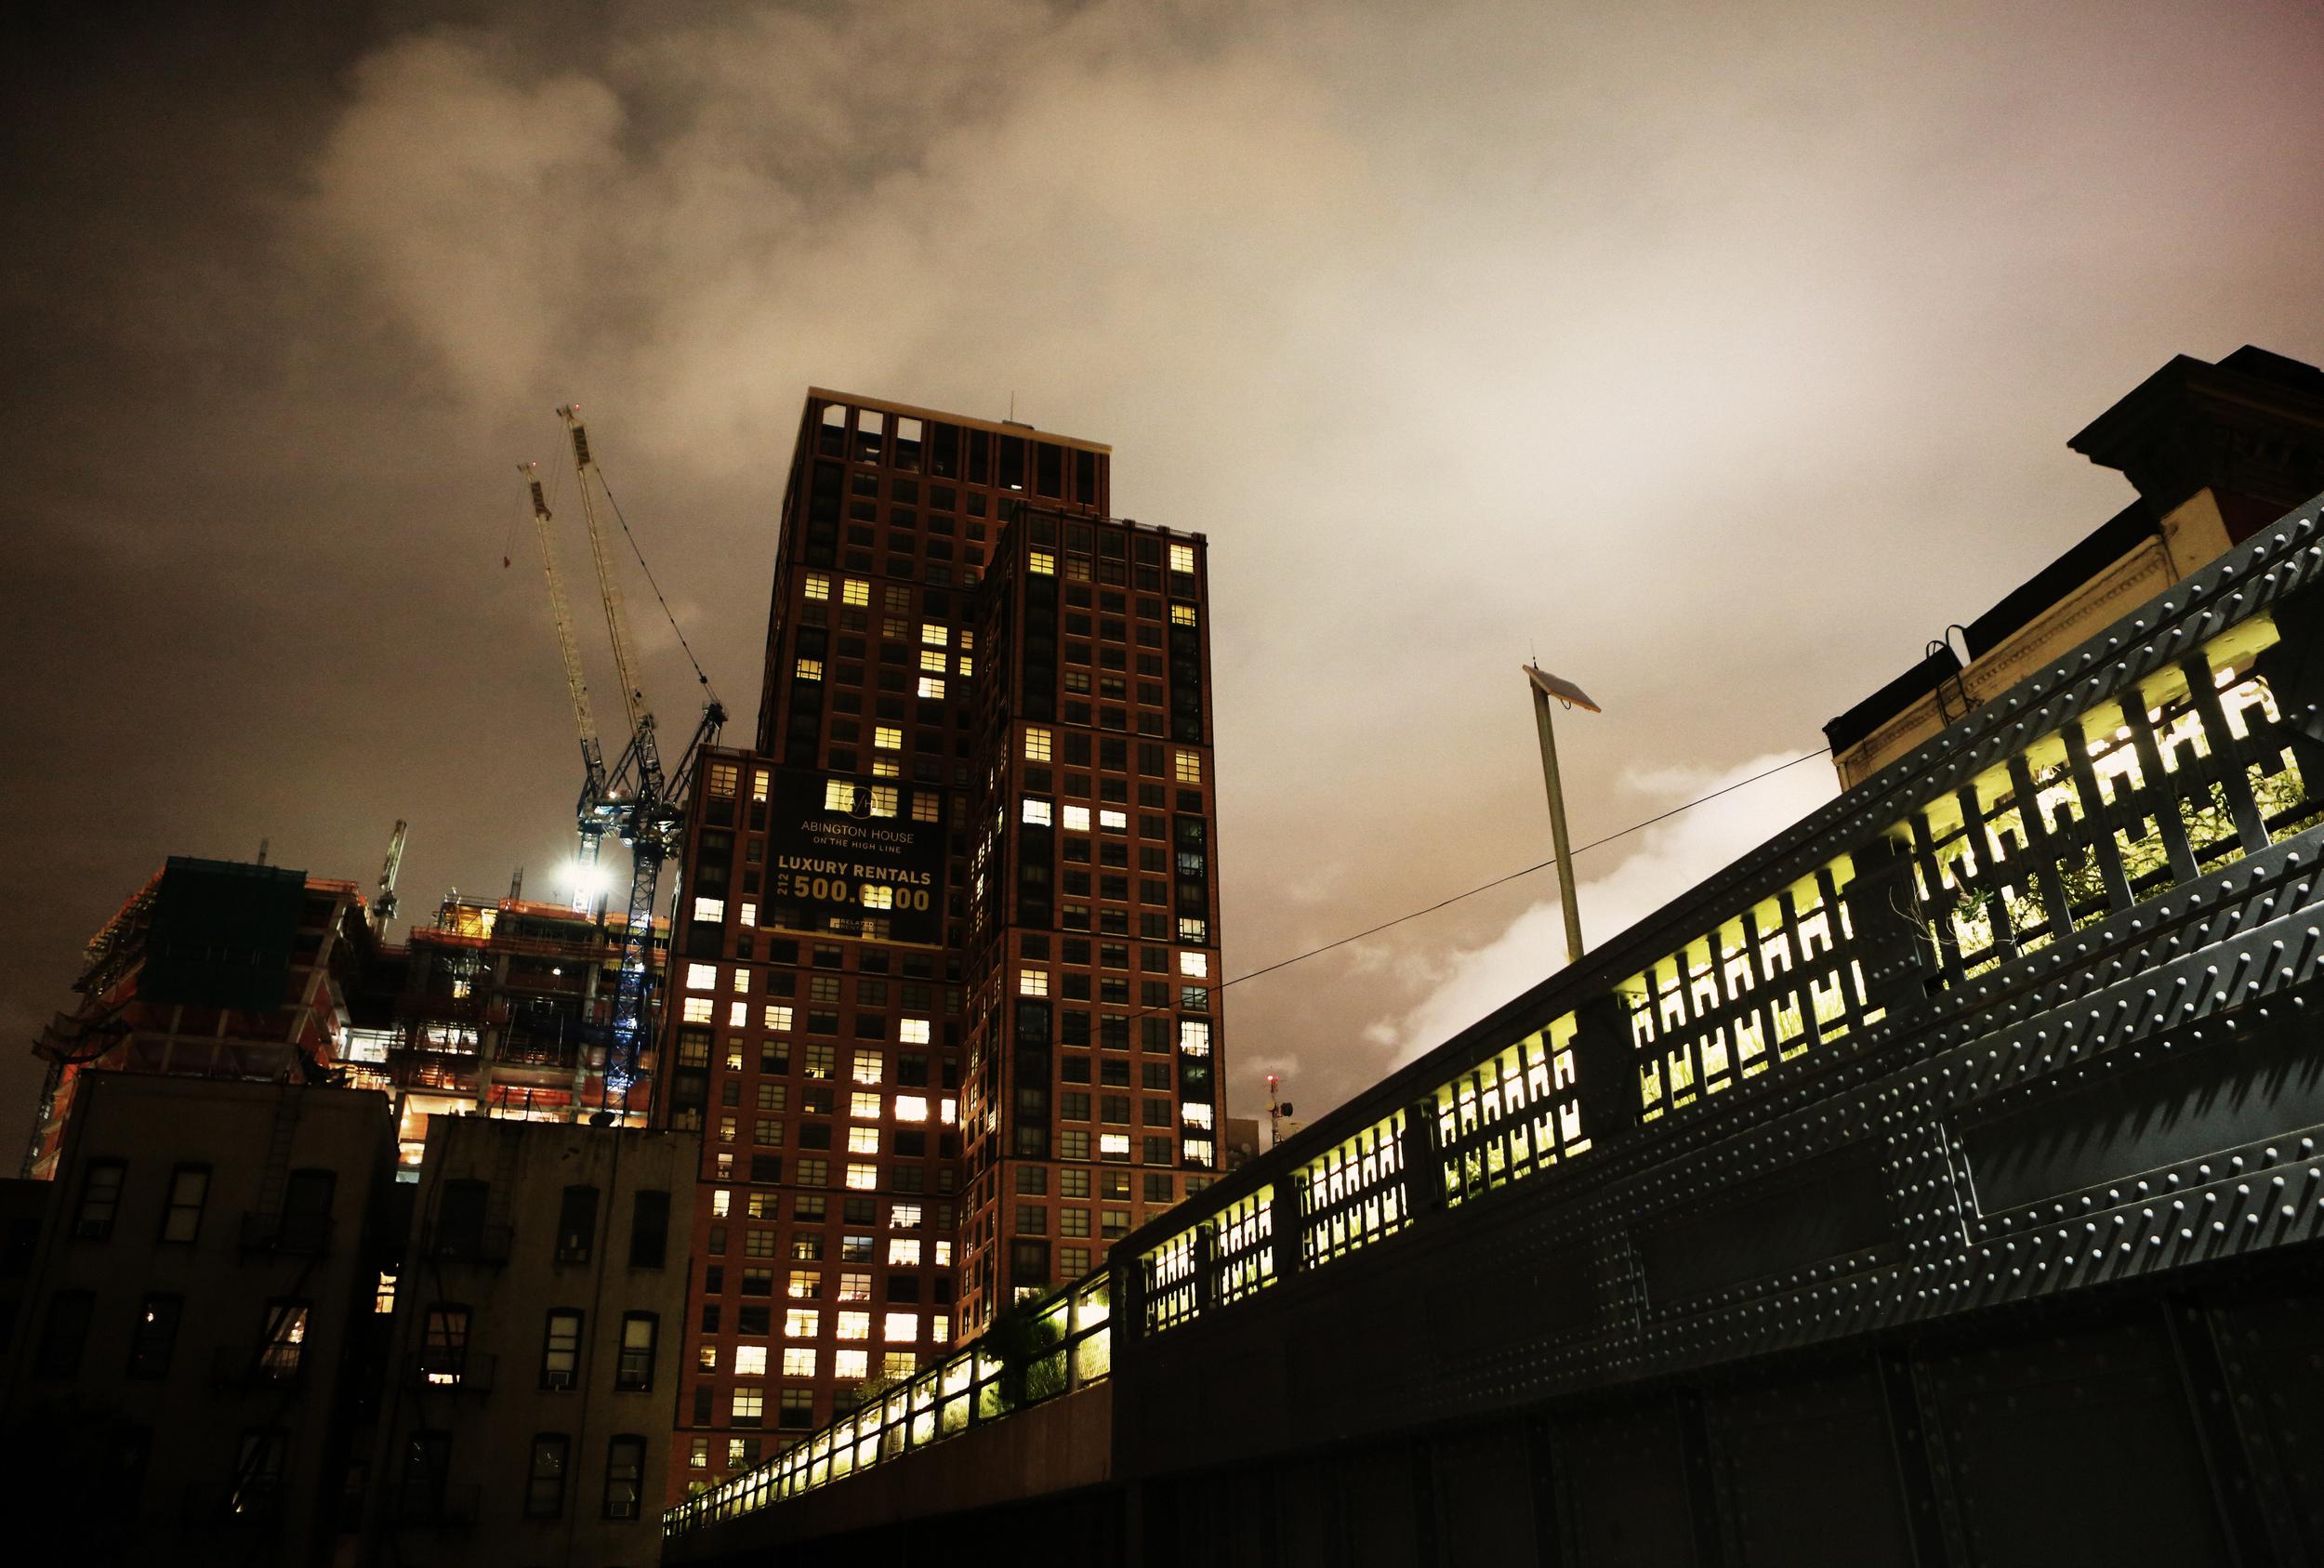 lights-night-building-construction.jpg